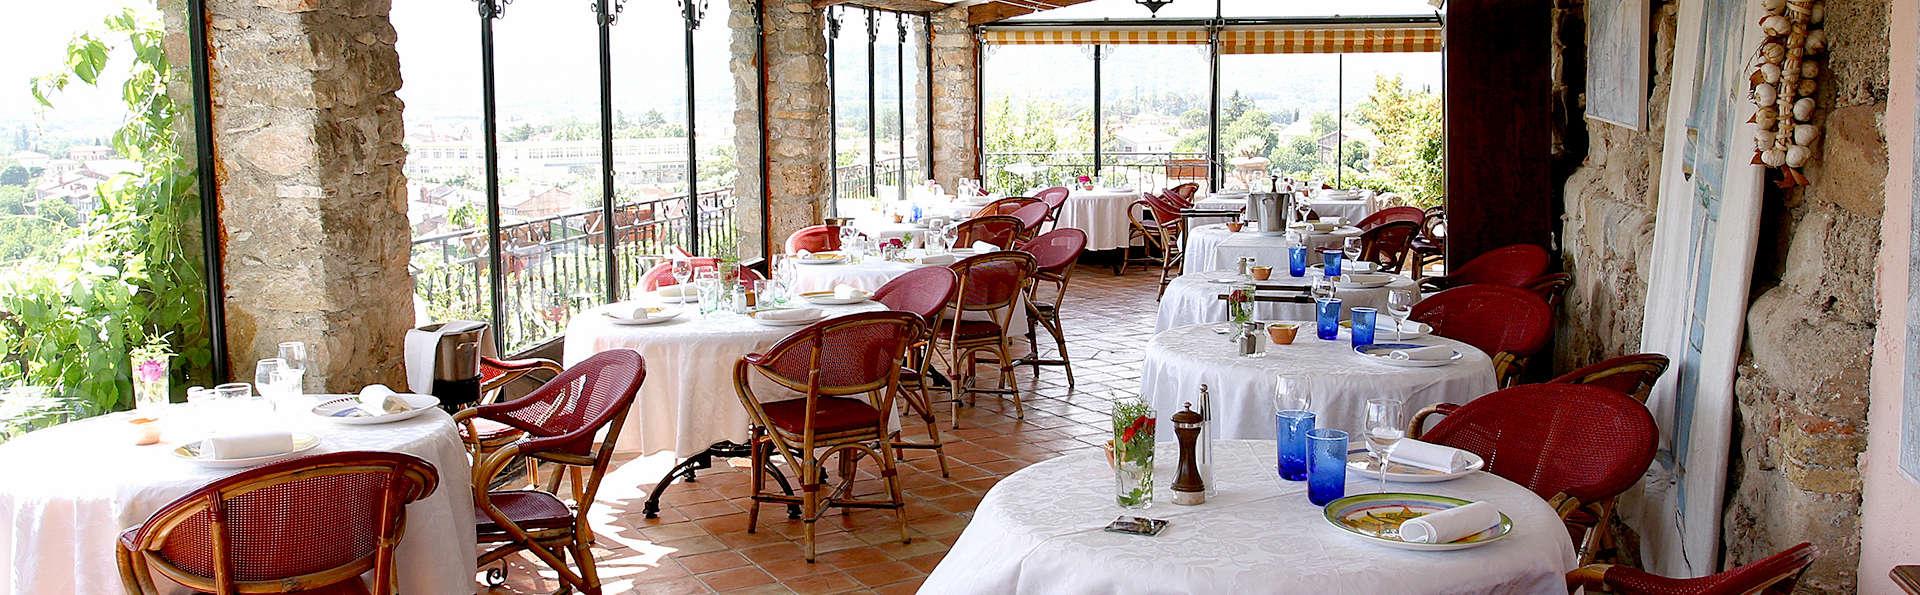 Saveurs de Provence sous le signe du charme au cœur du Var